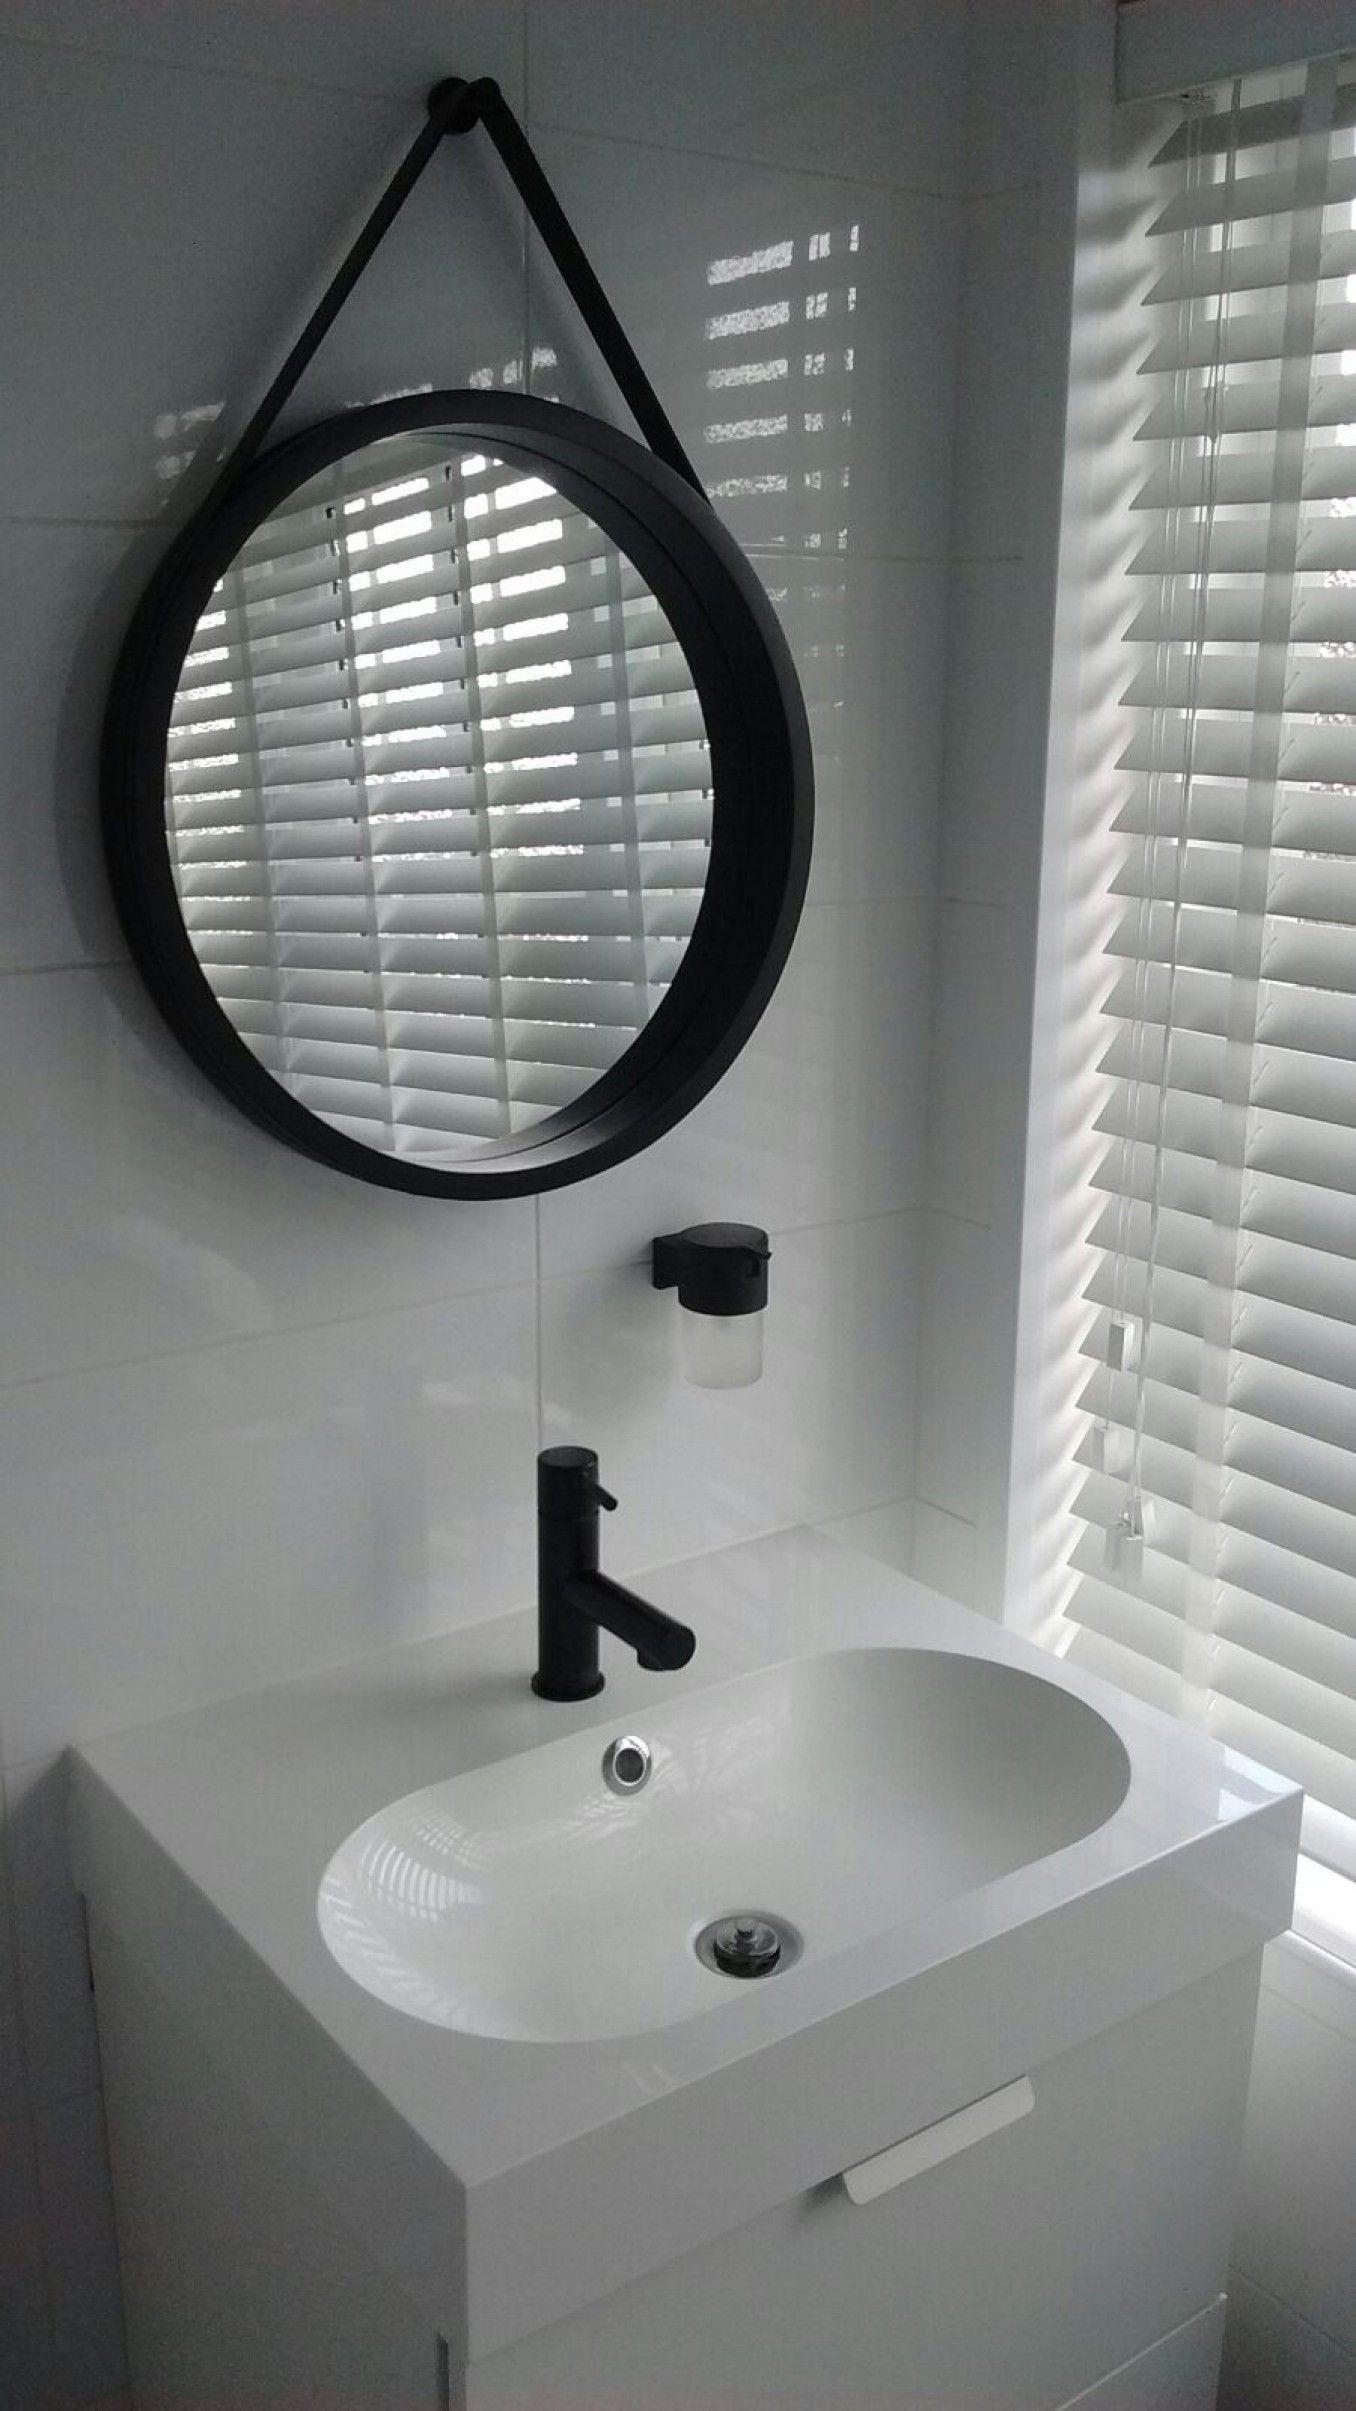 Badkamer wasmeubel van ikea zwarte kraan en for Badkamer kraan